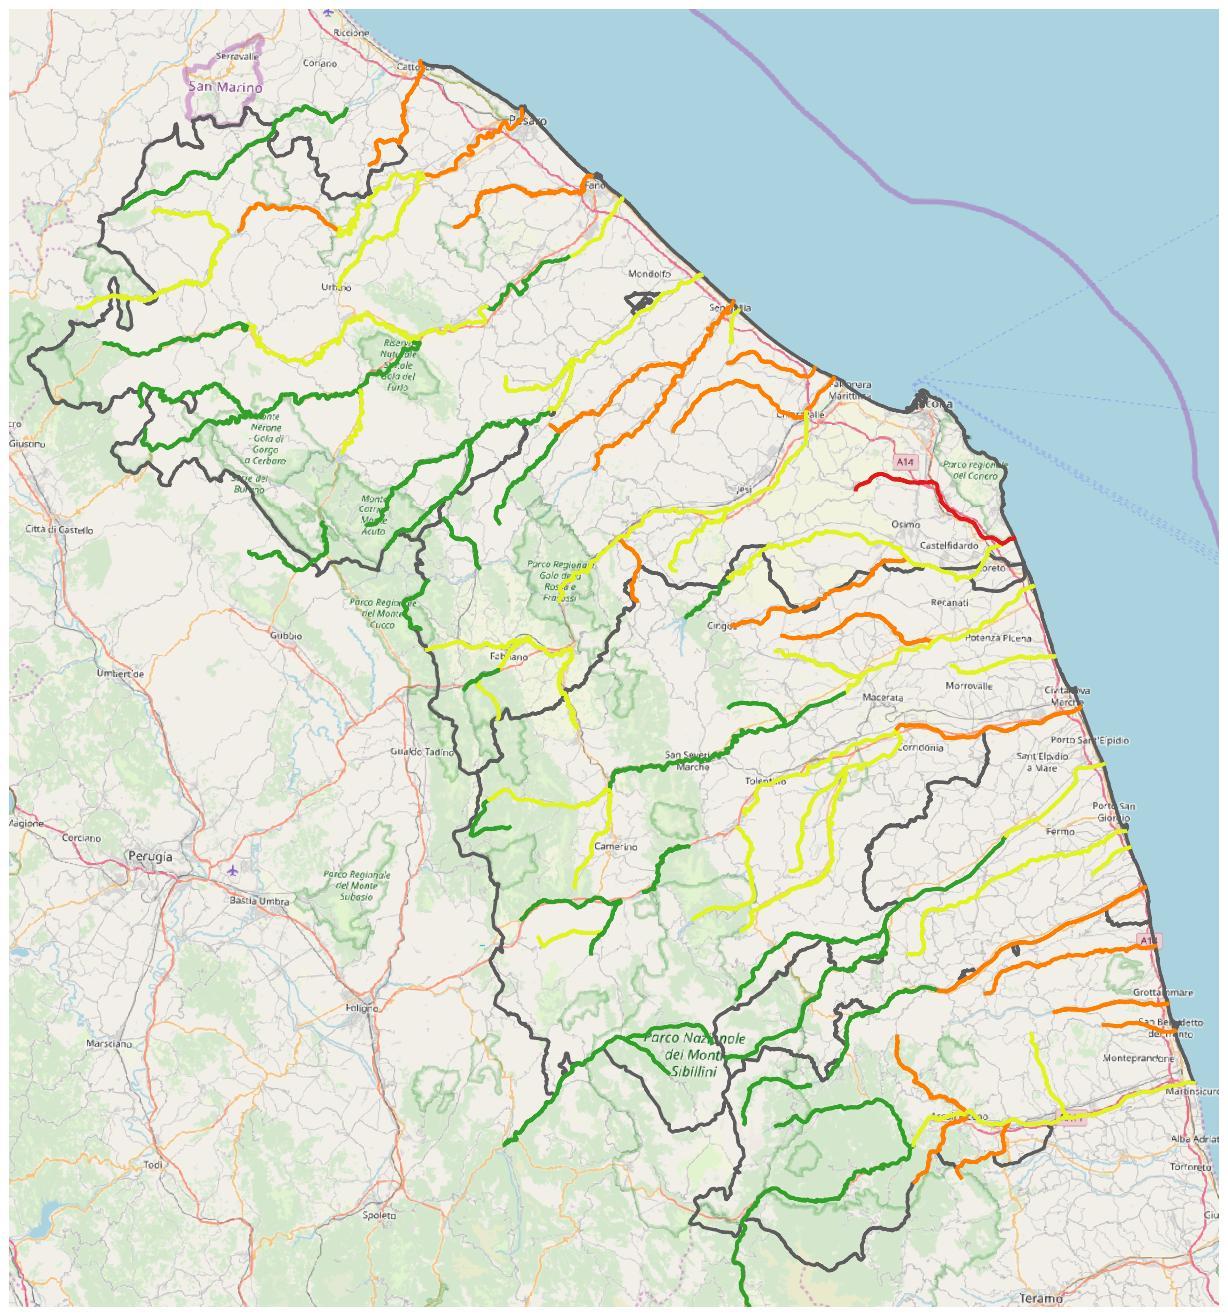 Cartina Politica Regione Marche.Fiumi